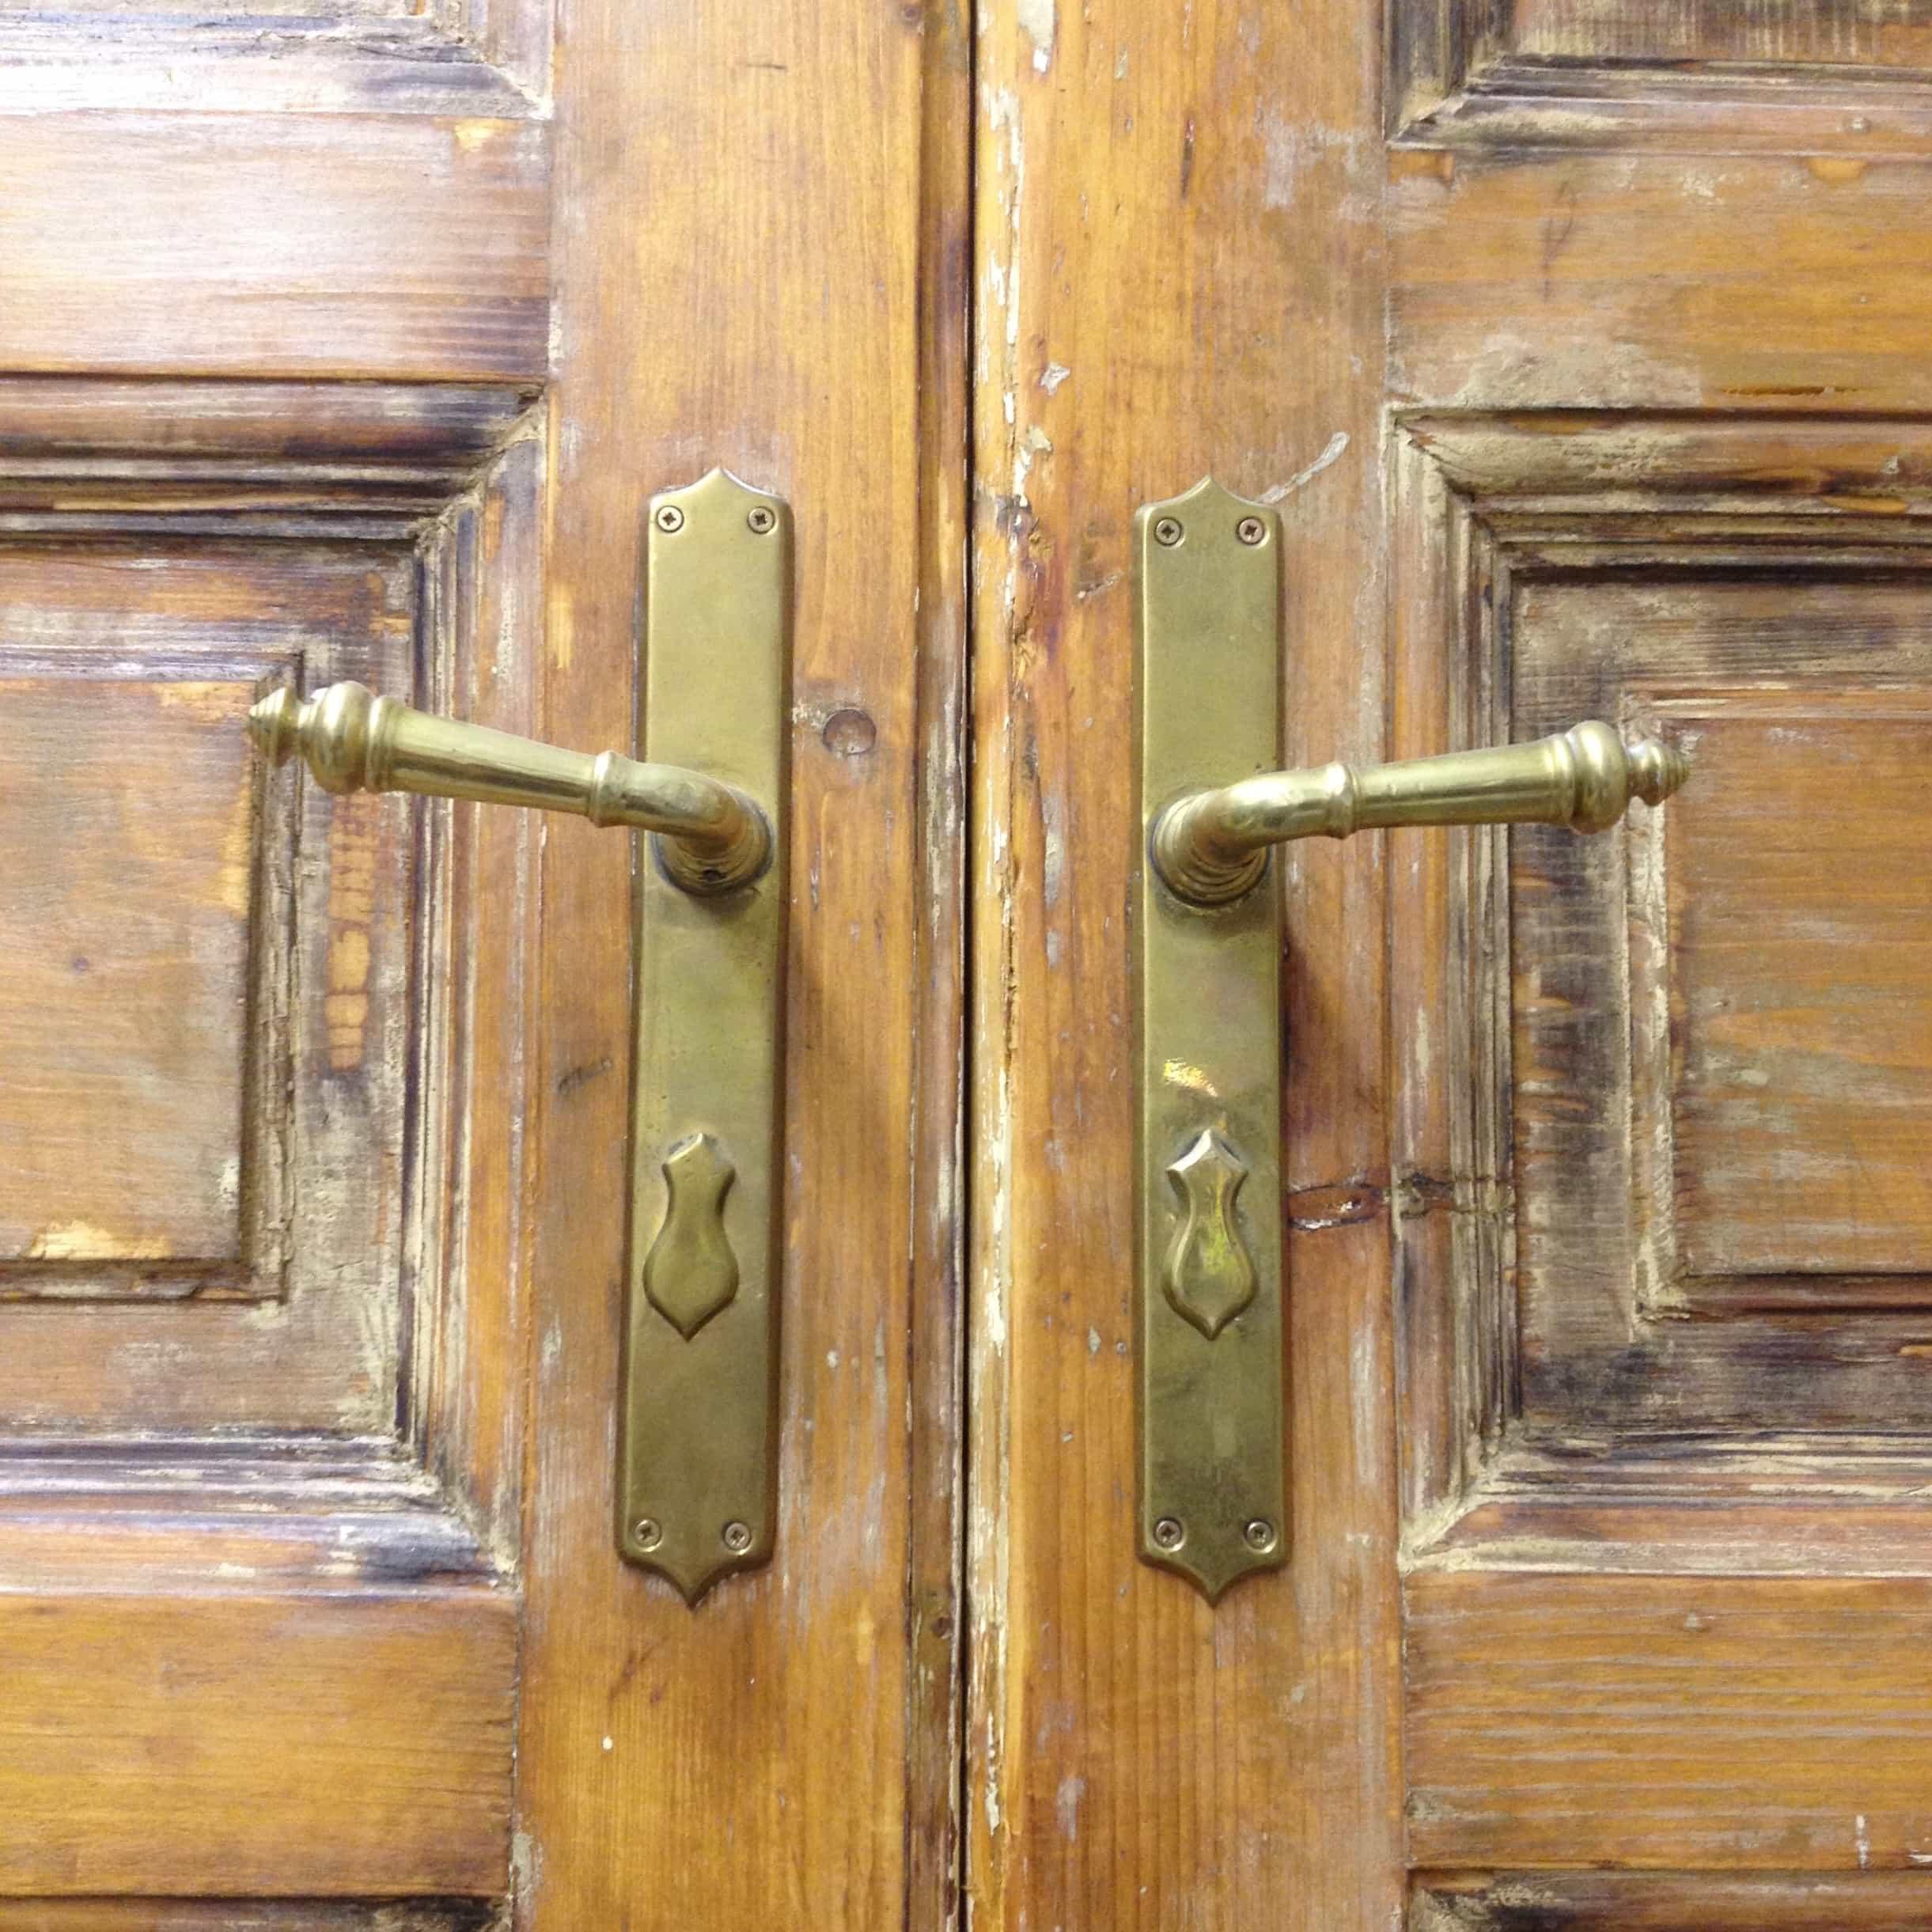 Egy régi-új ajtó nyíilhat...